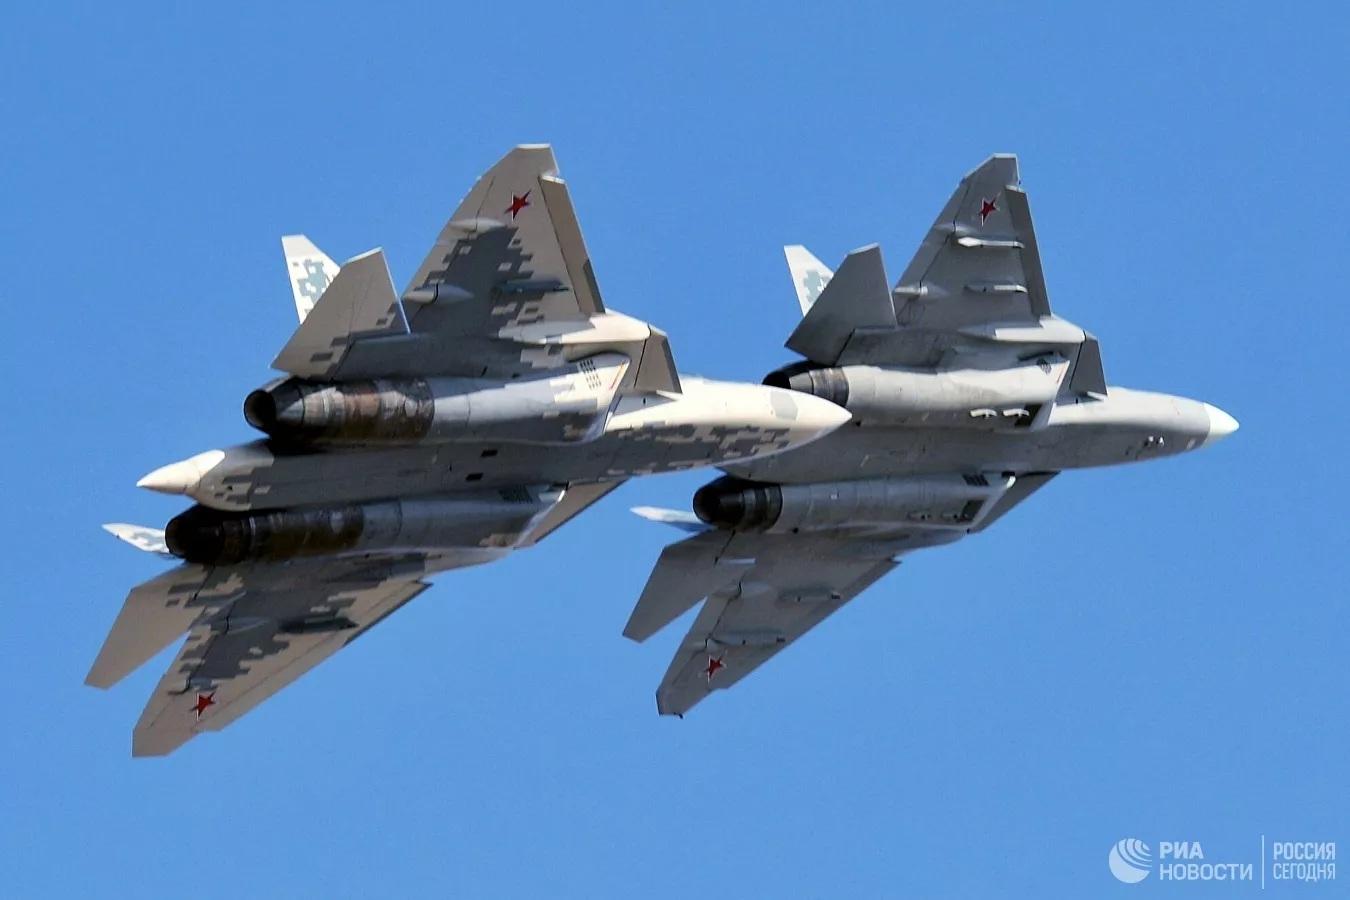 Thực hư việc giao hàng tiêm kích Su-57 bị gián đoạn?